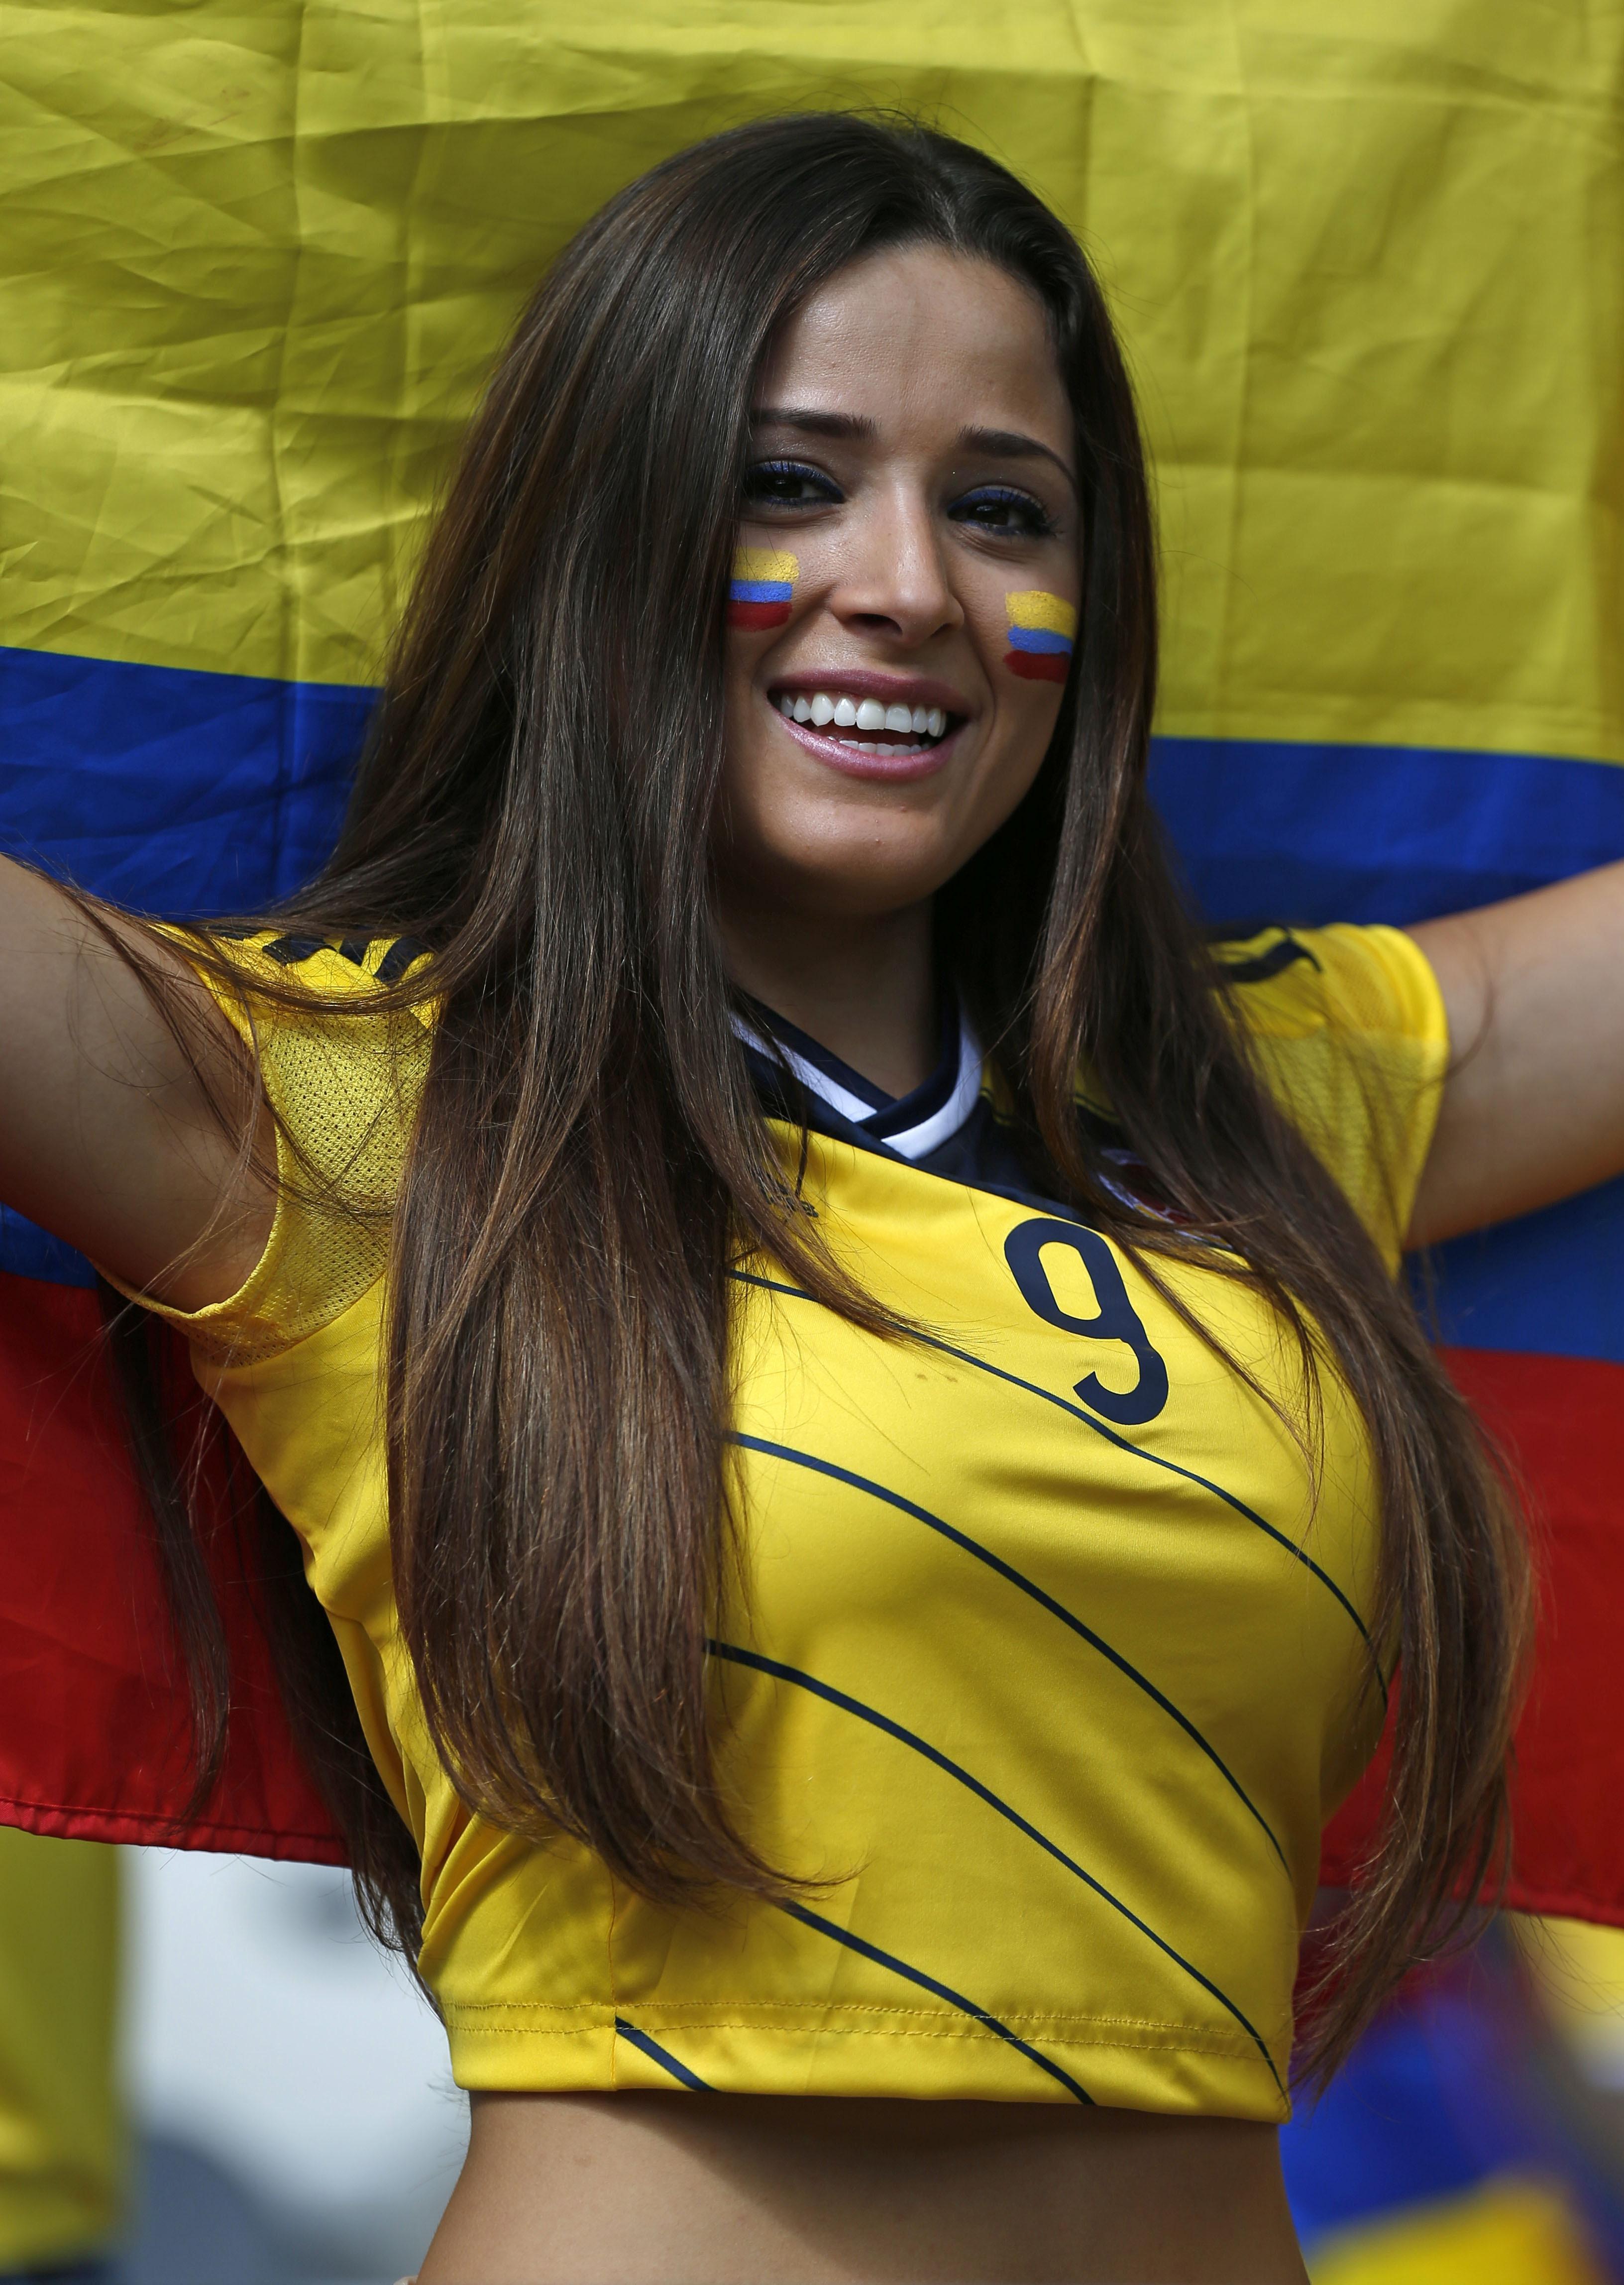 Болельщица сборной Колумбии радуется победе своей команды